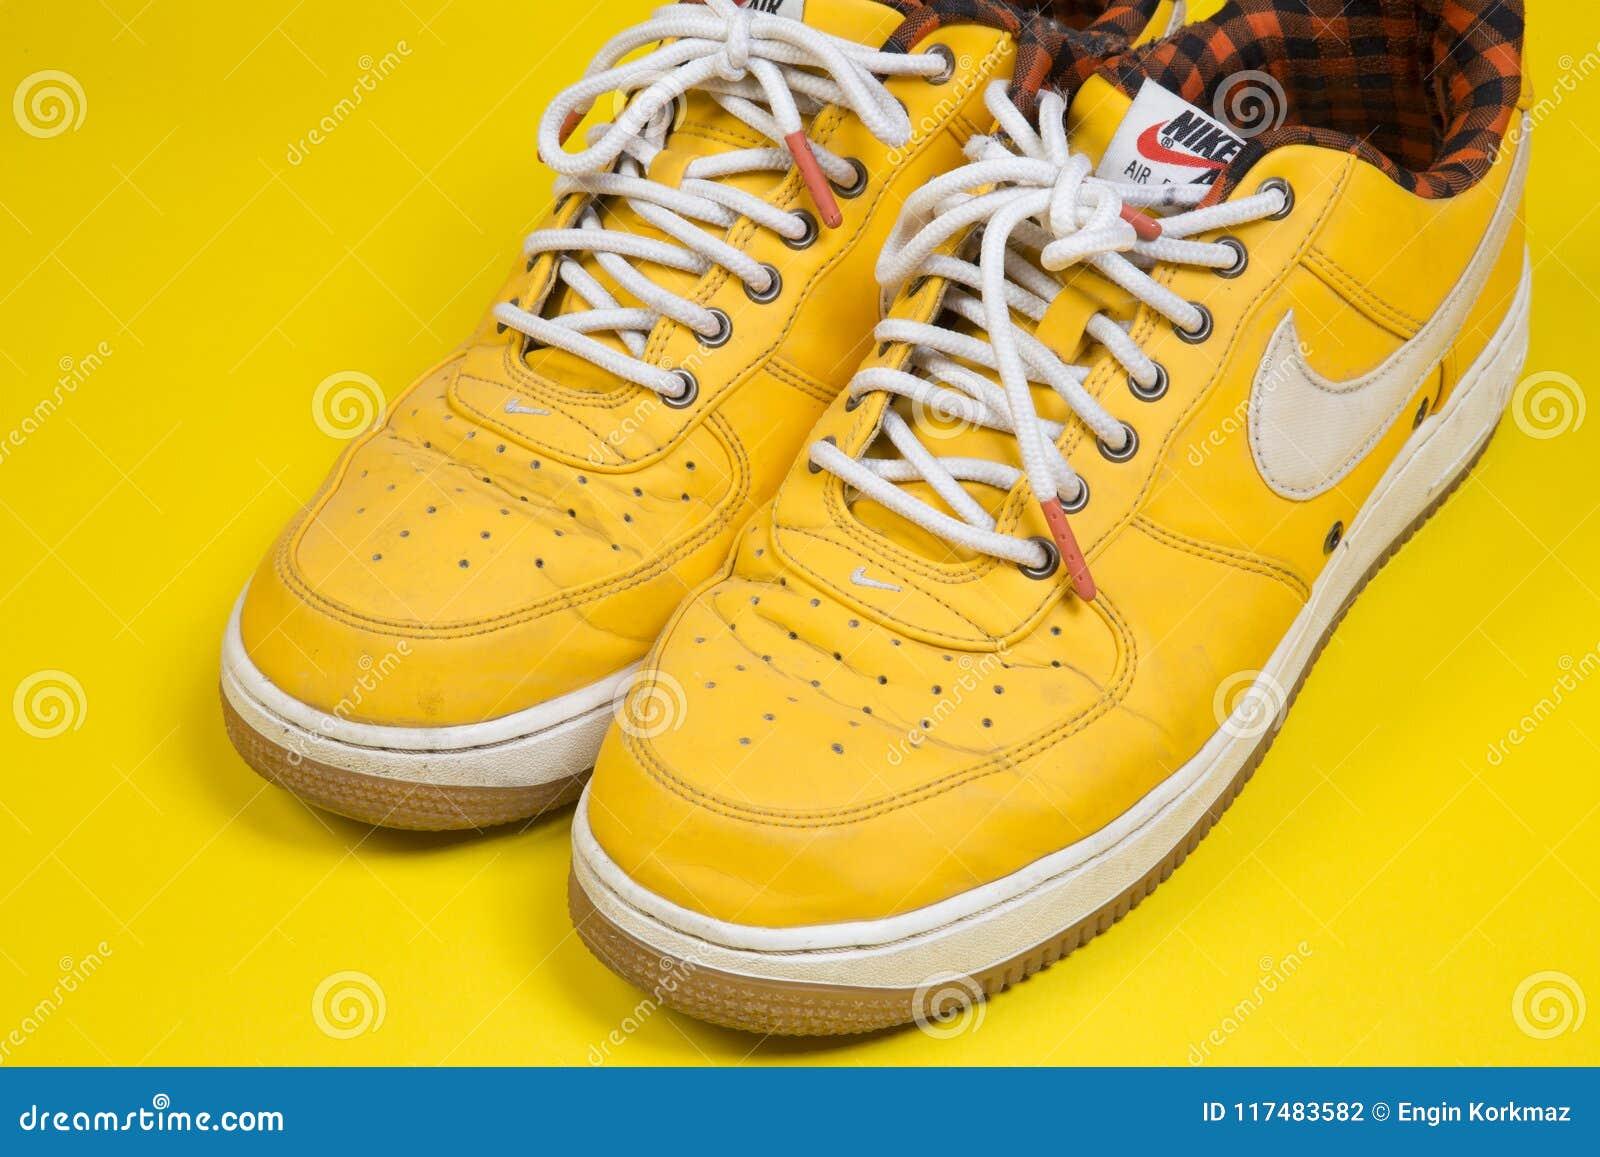 Di Force Paia Su Da Delle Scarpe Tennis Air Utilizzate Nike Gialle xorWdCBQe